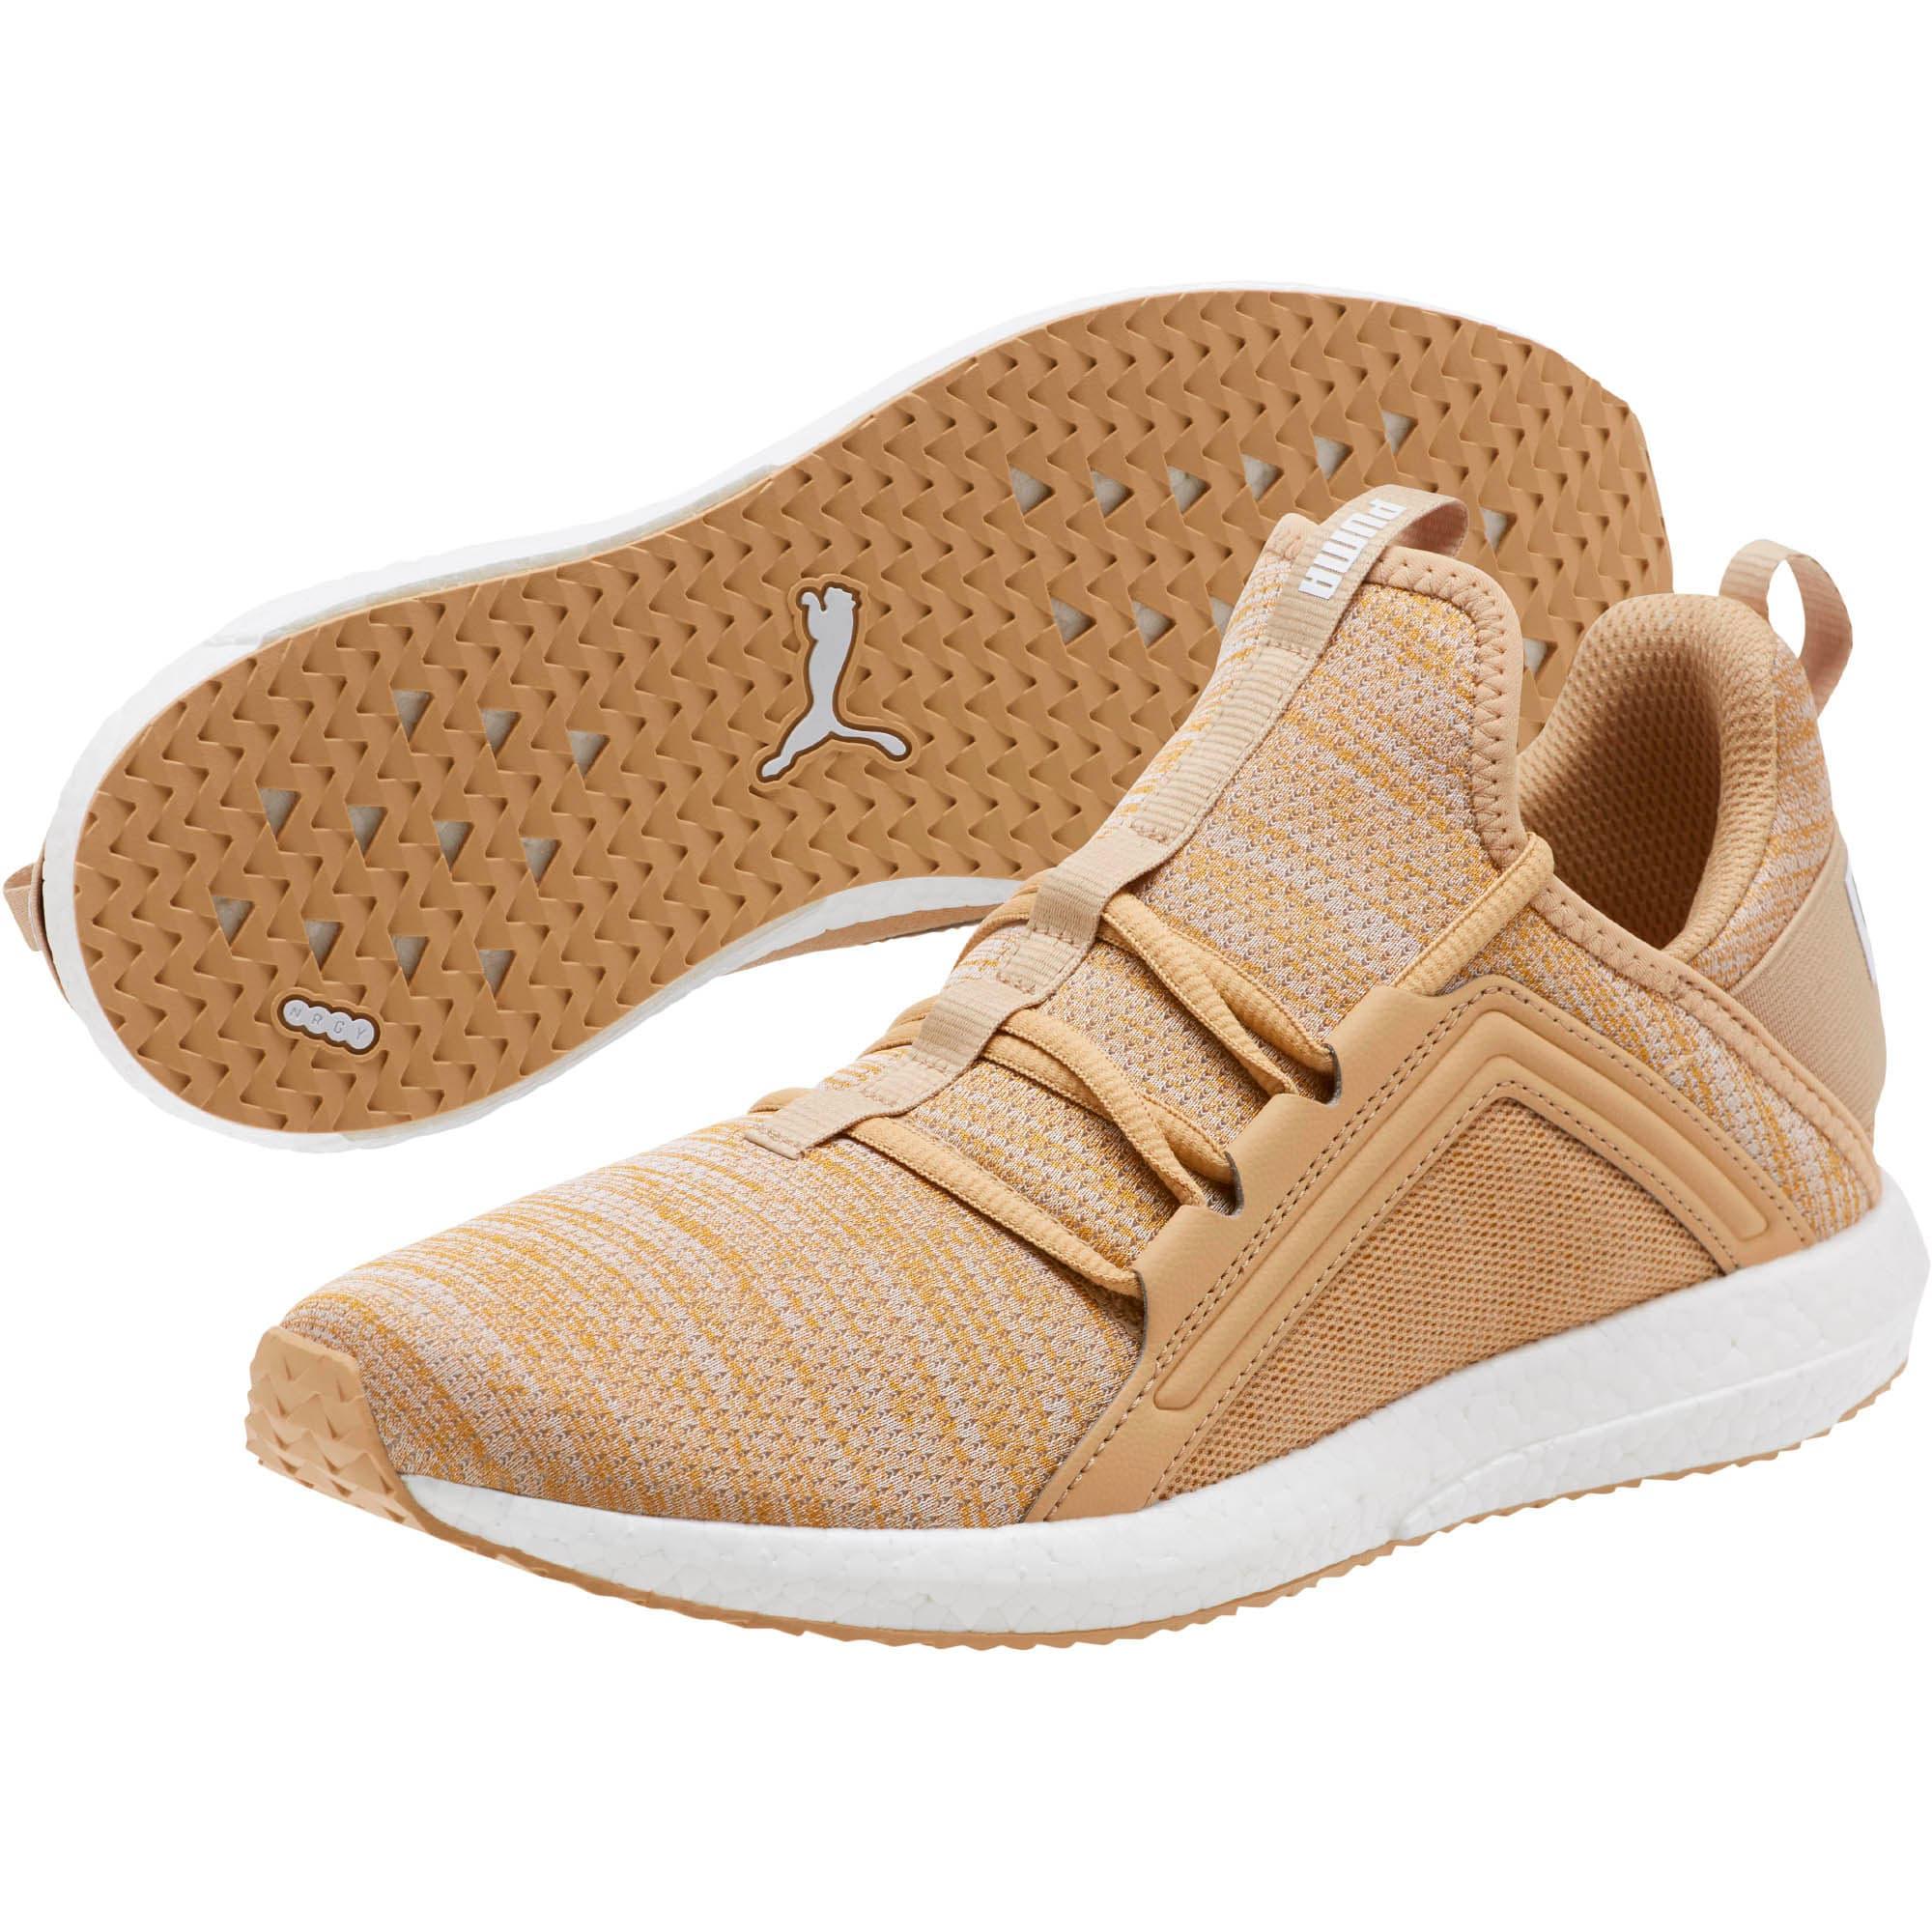 Miniatura 2 de Zapatos para correr Mega NRGY  Heather Knit para hombre, Taos Taupe-Puma White, mediano